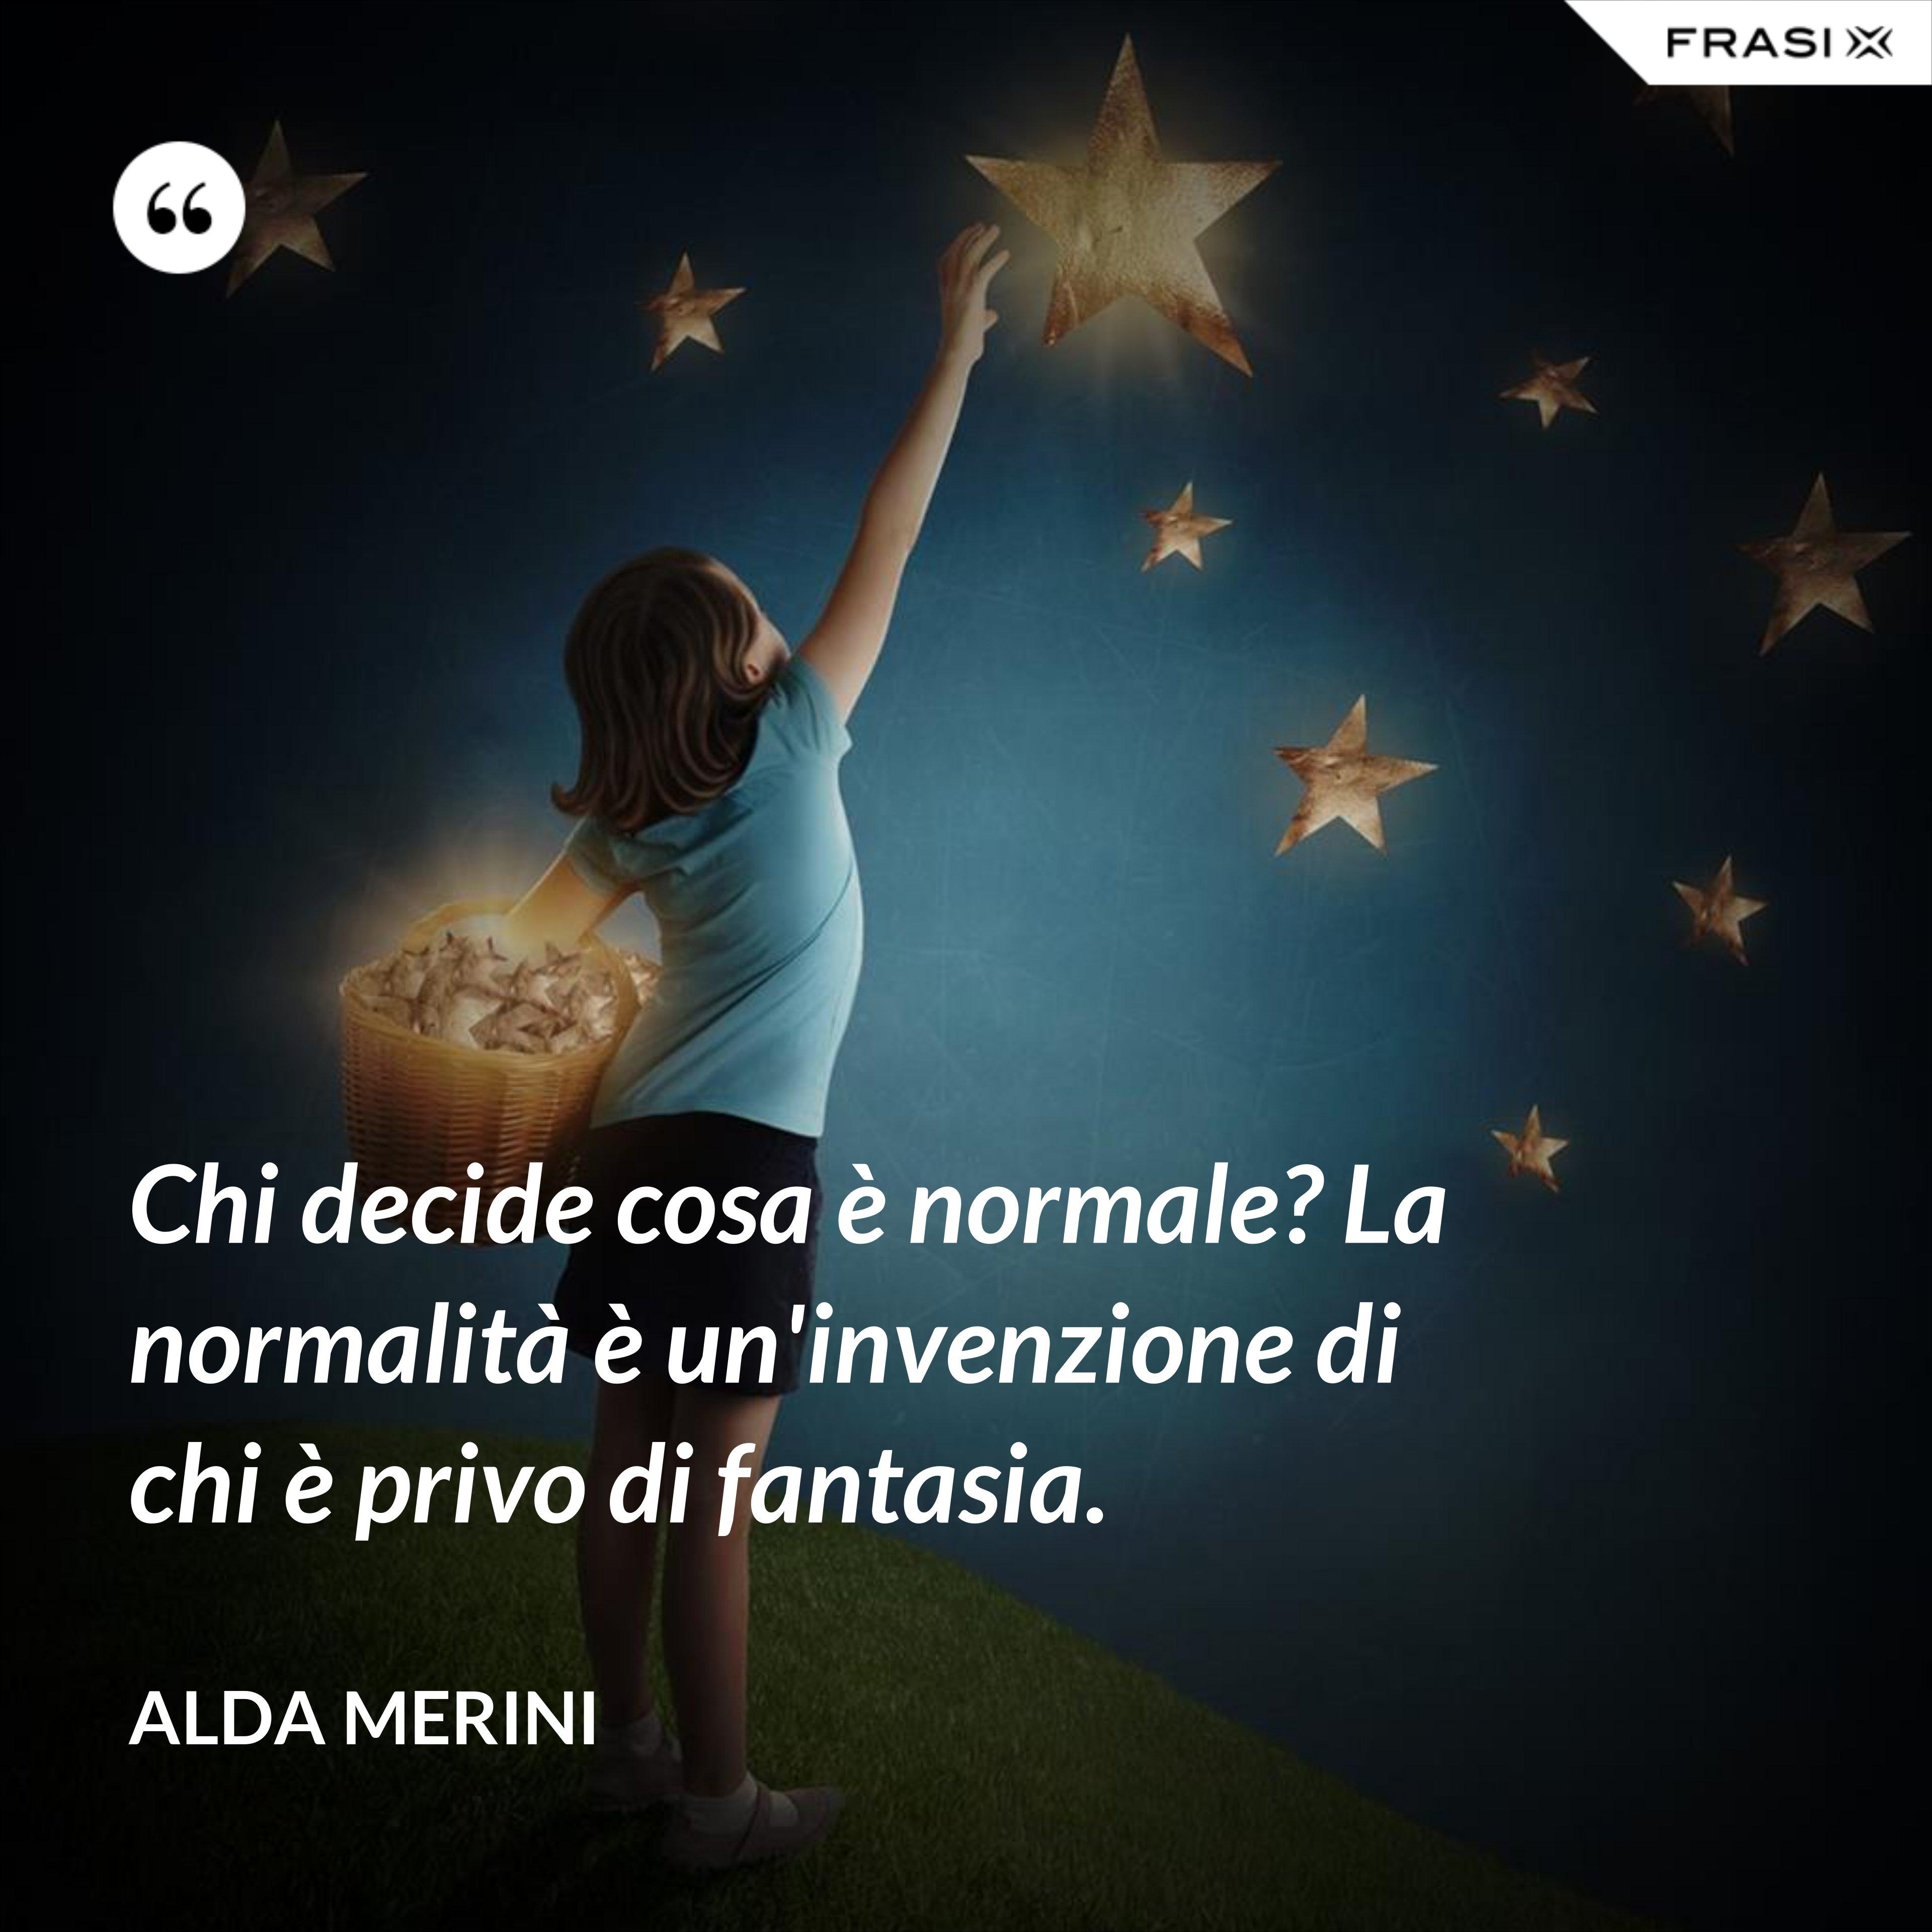 Chi decide cosa è normale? La normalità è un'invenzione di chi è privo di fantasia. - Alda Merini